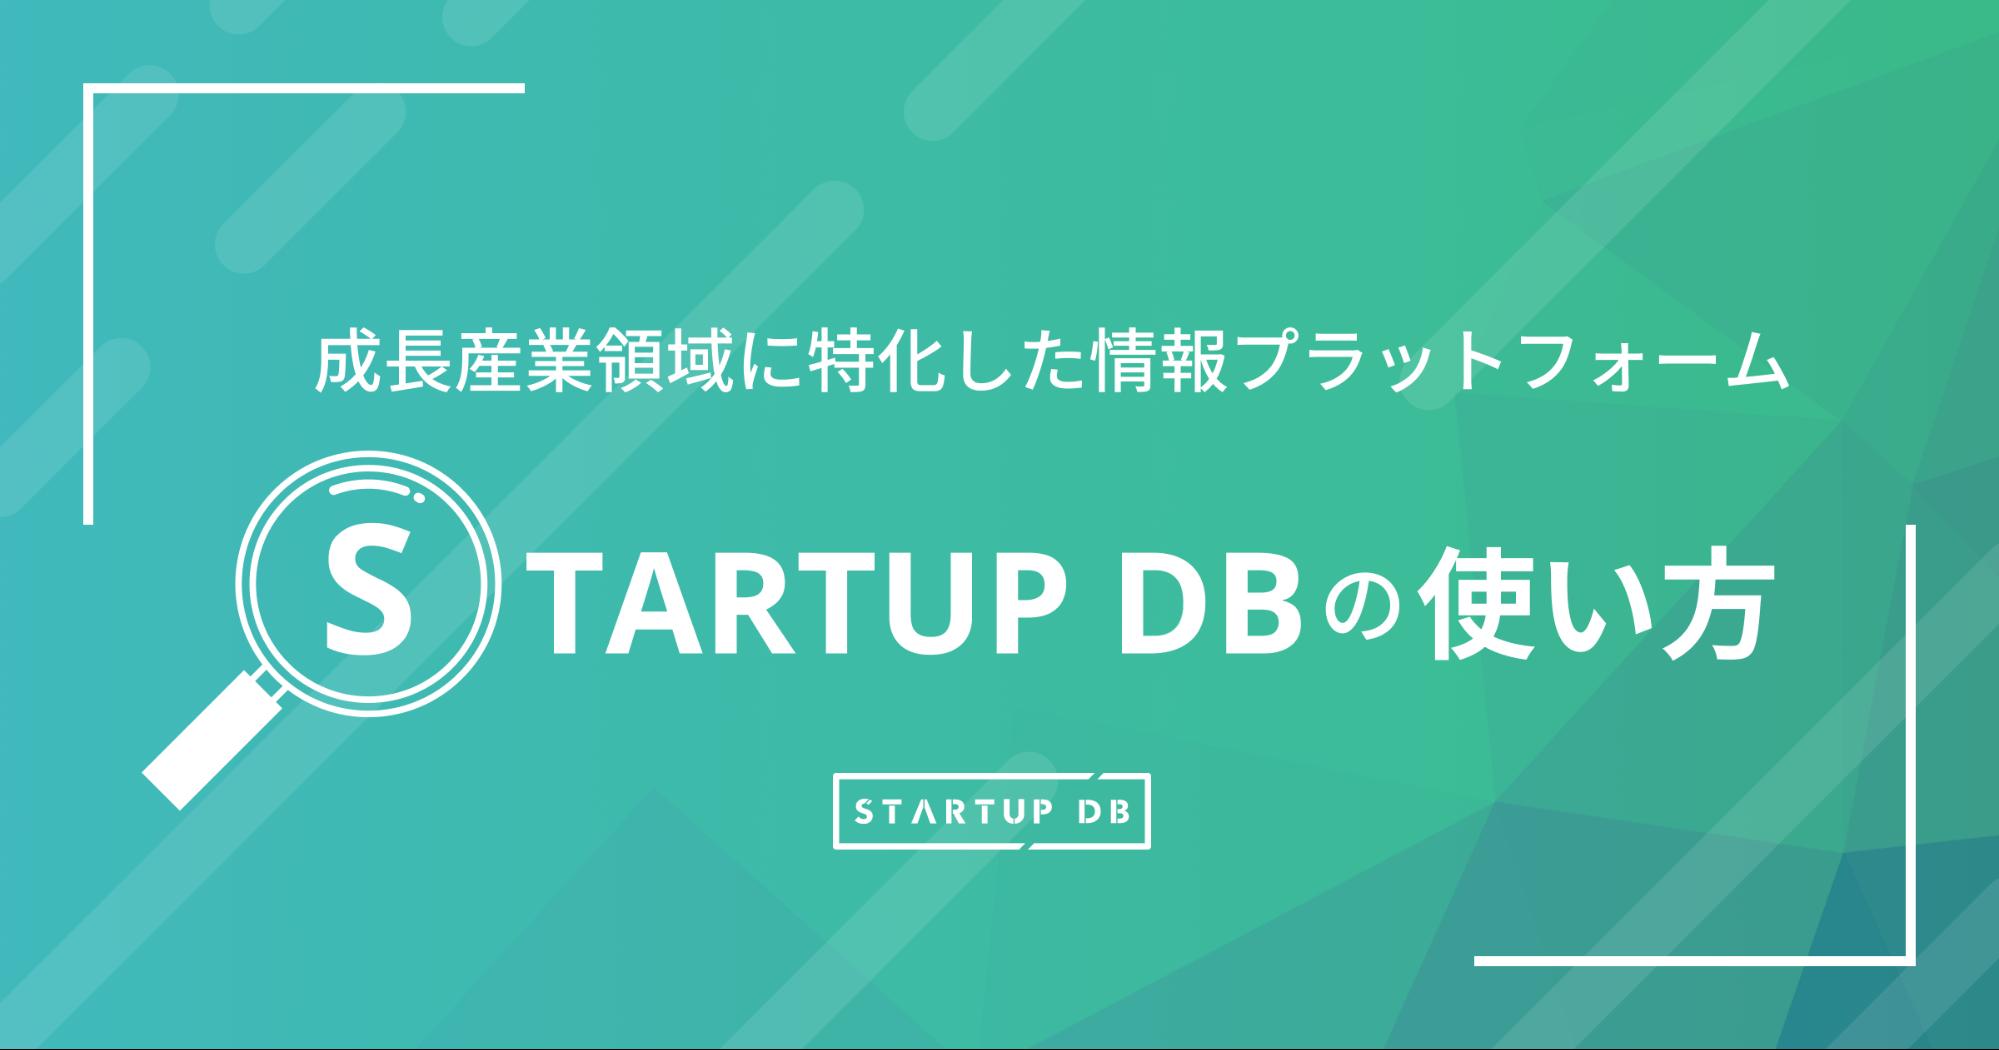 STARTUP DBは、「日々進化する、成長産業領域に特化した情報プラットフォーム」をコンセプトとして、国内の成長産業及びスタートアップに関する情報を集約し、整理して発信する情報プラットフォームです。メディアコンテンツと企業データベースを相互に利用できるようにすることで、気になる企業や経営者の情報を手軽に入手することができます。 STARTUP DBをご利用頂いている方にこの記事を参考にして、より有効にご利用頂けるよう利用方法や機能について紹介をしていきます。 企業データベースの利用方法 まずはSTARTUP DBの主要機能である、企業データベースの利用方法について、解説していきます。 検索方法 企業の検索方法としては、企業名を直接調べる企業名検索の他に、カテゴリー検索や注目順などで並び替えるリスト検索などがあります。下記では各検索方法の説明をしていきます。